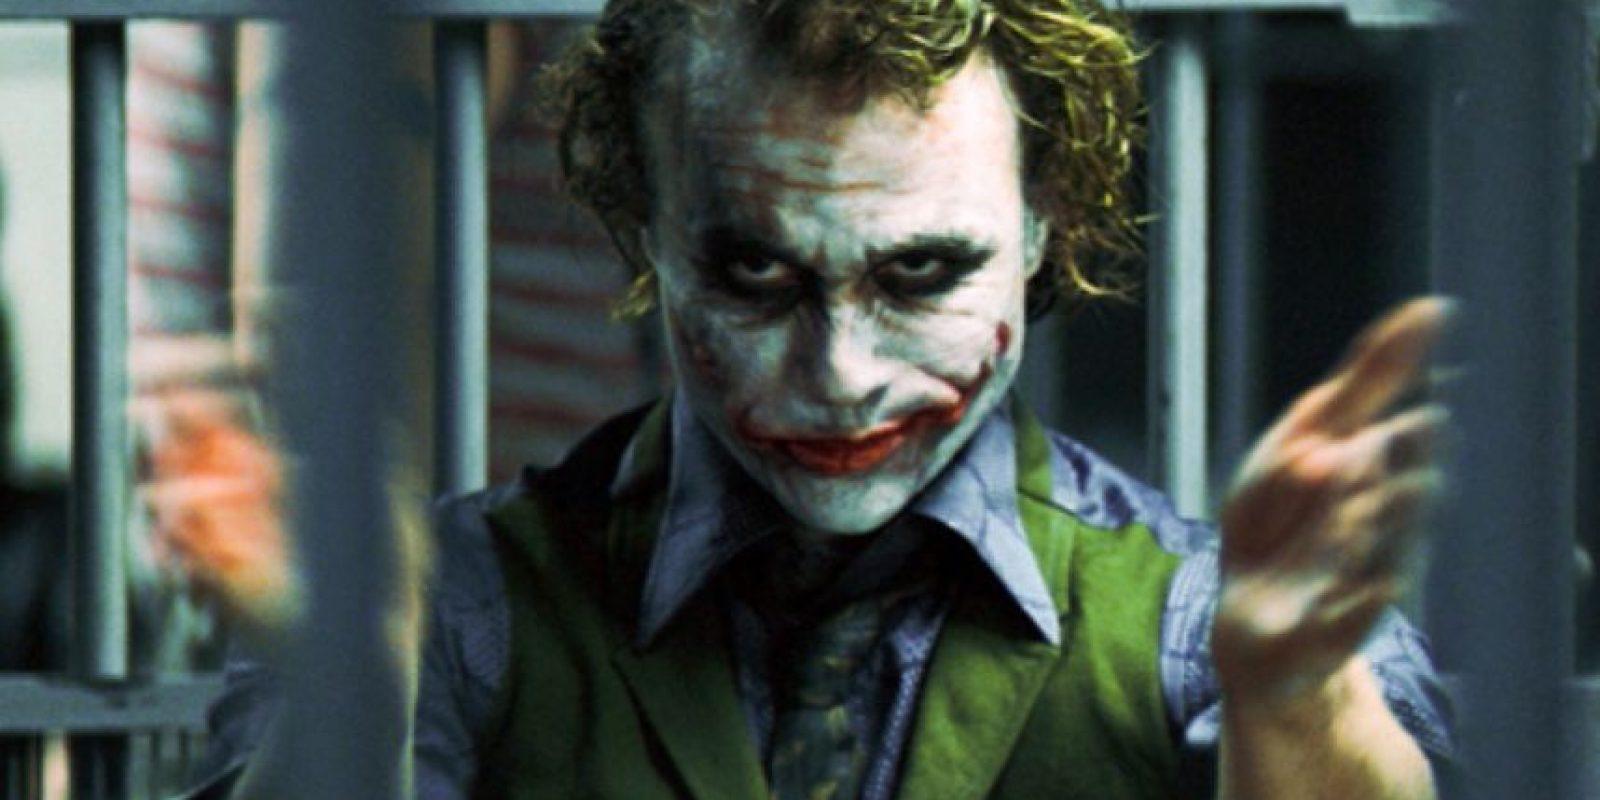 Tenía su pelo pintado, para parecerse al personaje. Foto:vía Warner Bros